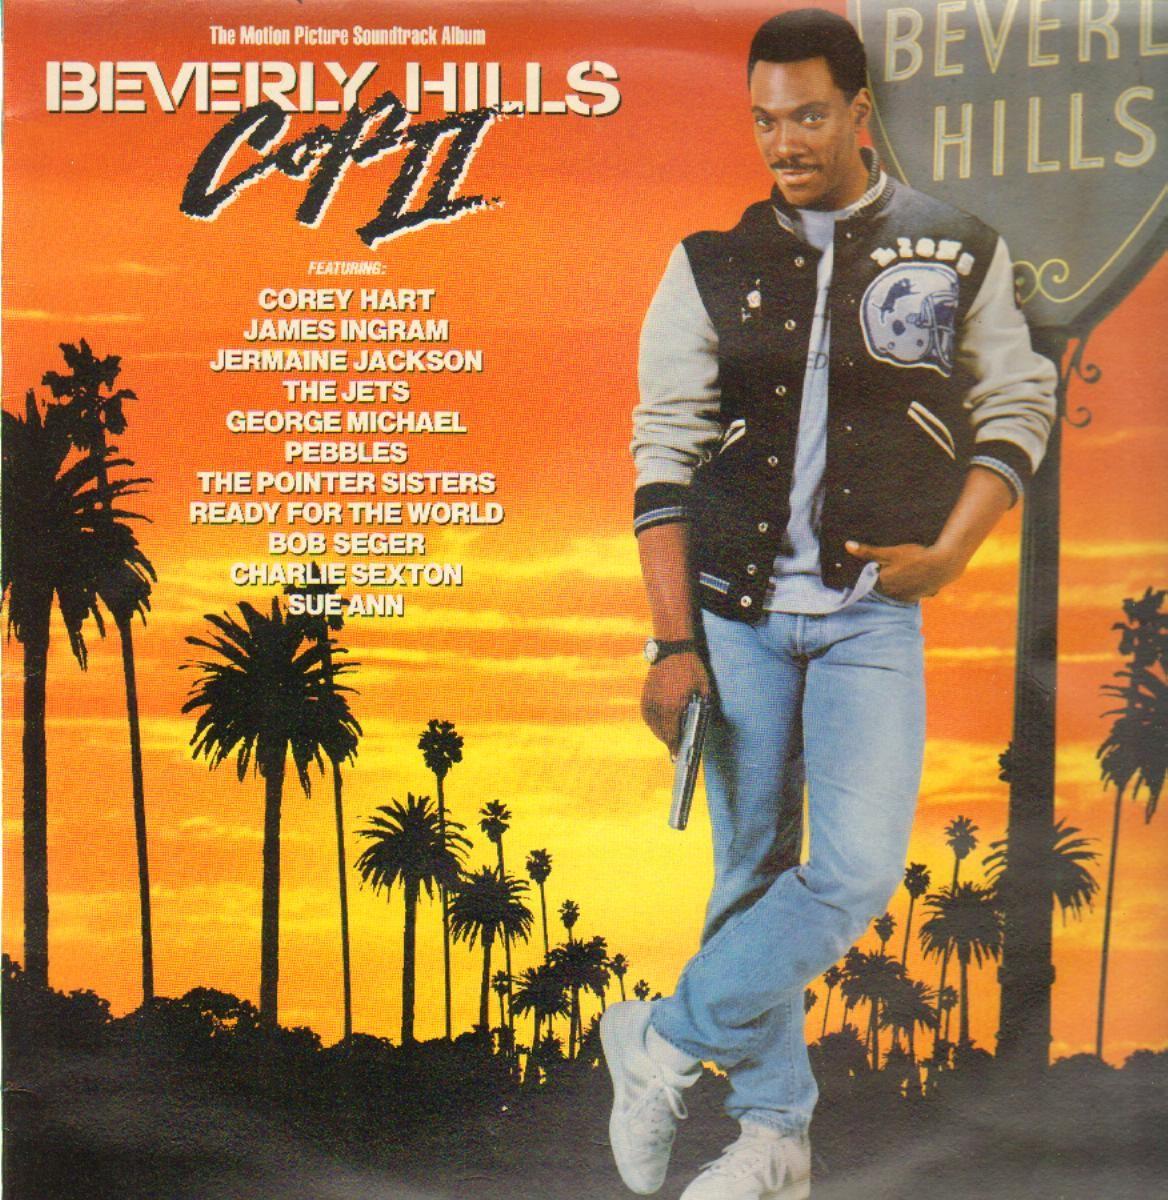 http://3.bp.blogspot.com/-iVo-wOM4aWg/UDqX4JS6l5I/AAAAAAAACDs/ufsD_mH8vfI/s1600/beverly+hills+cop+2_+1989.jpg